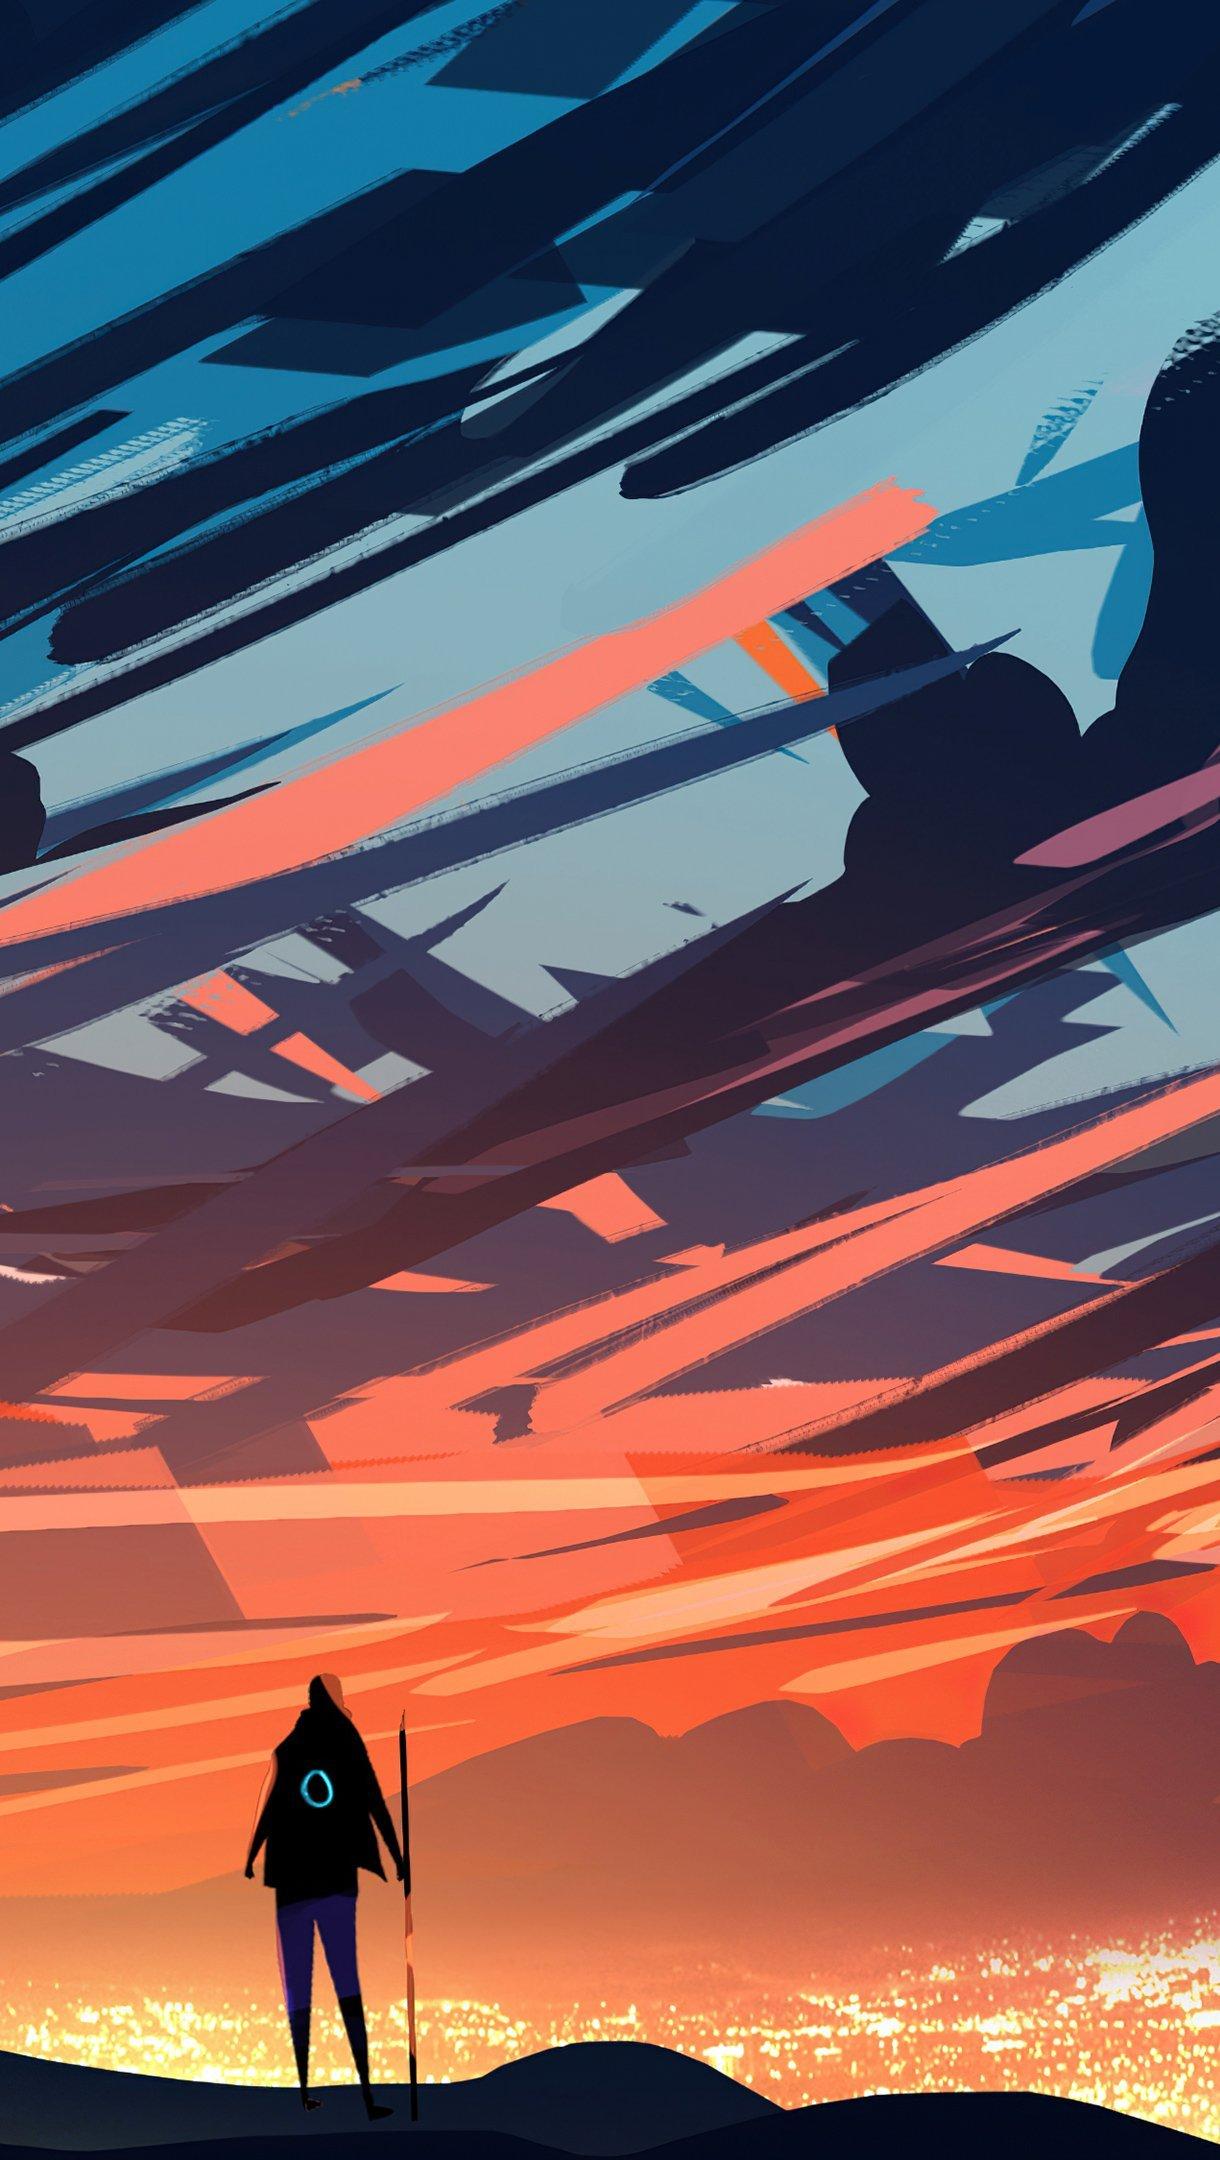 Fondos de pantalla La luz del atardecer Arte Digital Vertical